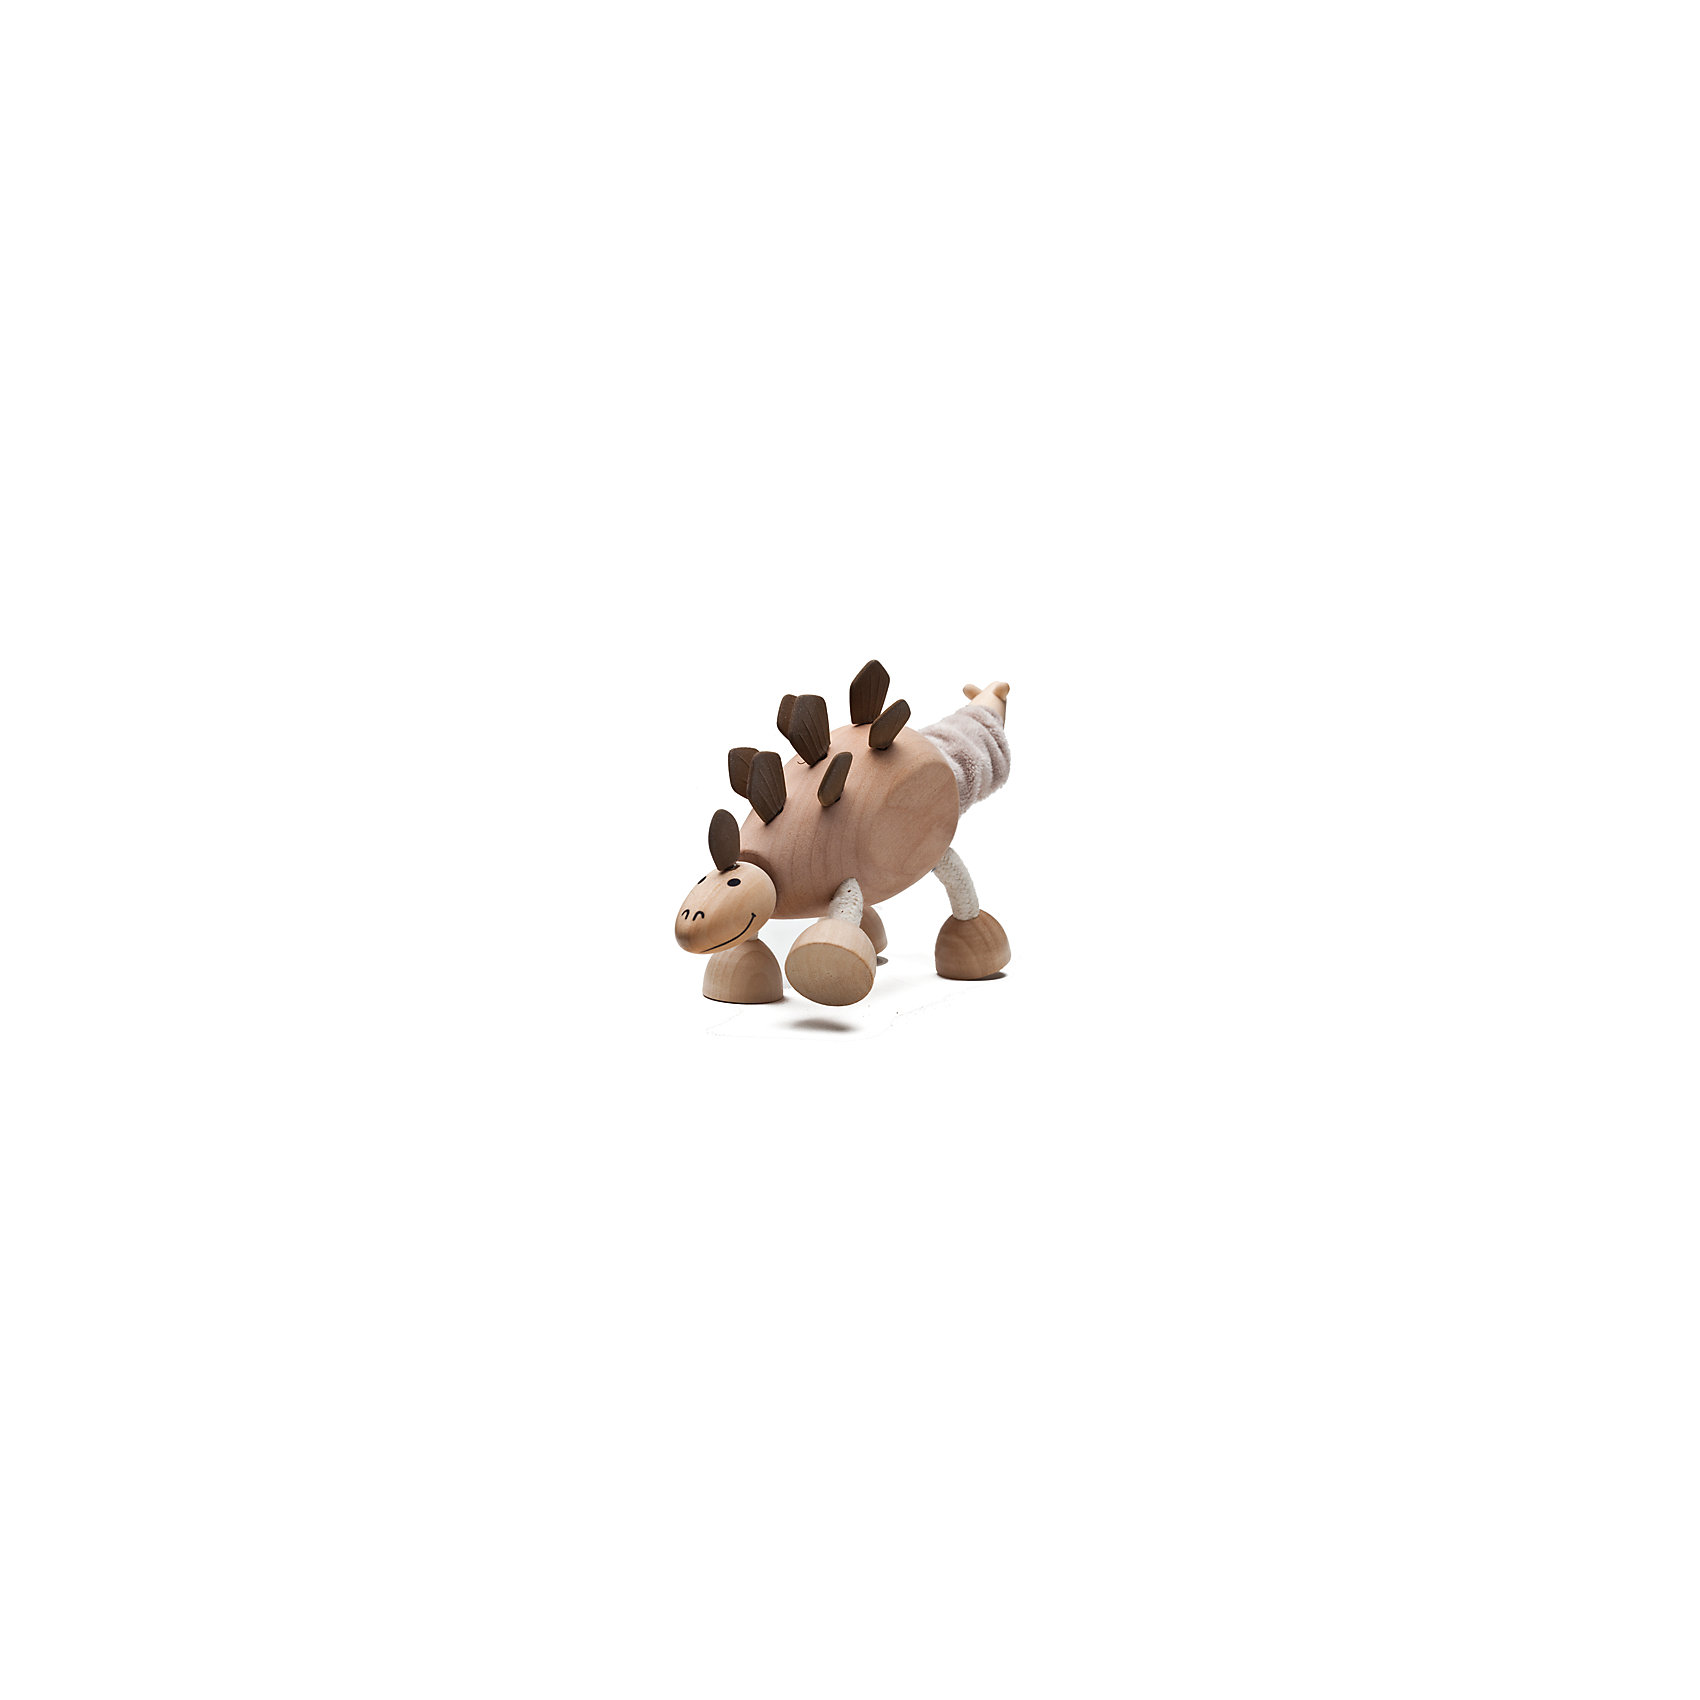 Стегозавр,  AnaMalzМилые деревянные зверюшки AnaMalz очаруют и детей и их родителей, а их трогательный внешний вид и оригинальный современный дизайн изменят Ваше привычное представление о деревянных игрушках. Придуманные австралийским дизайнером Луизой Косан-Скотт, деревянные фигурки покоряют своим уютом и пластичностью и уже завоевали множество наград, включая международную премию в области дизайна Standards Australia. Для изготовления игрушек используется быстрорастущее игольчатое дерево (schima superba), которое специально выращивают на плантациях. Отдельные детали зверюшек выполнены из натуральных тканей и термопластичной резины (TPR) - безопасного материала, который является экологичной альтернативой пластмассе. Все фигурки AnaMalz раскрашиваются вручную с использованием безопасной для детей краски.<br><br>Мощный динозавр AnaMalz добродушный и приветливый и совсем не страшный. Голова, туловище и лапы стегозавра выполнены из дерева и имеют гладкую, приятную на ощупь поверхность. У фигурки подвижный мягкий хвост, на спине чешуйки из термопластичной резины (TPR). Ноги сделаны из гибкой веревки и гнутся в разные стороны, что позволяет игрушке принимать различные позы. Фигурка, выполненная из дерева и различных фактур, способствует развитию у ребенка тактильного восприятия и мелкой моторики.<br><br>Дополнительная информация:<br><br>- Материал: дерево, ткань, термопластичная резина.<br>- Размер игрушки: 19 х 4 х 10 см.<br>- Вес: 102 гр.<br><br>Стегозавра, AnaMalz, можно купить в нашем интернет-магазине.<br><br>Ширина мм: 19<br>Глубина мм: 4<br>Высота мм: 10<br>Вес г: 102<br>Возраст от месяцев: 36<br>Возраст до месяцев: 168<br>Пол: Унисекс<br>Возраст: Детский<br>SKU: 4010634